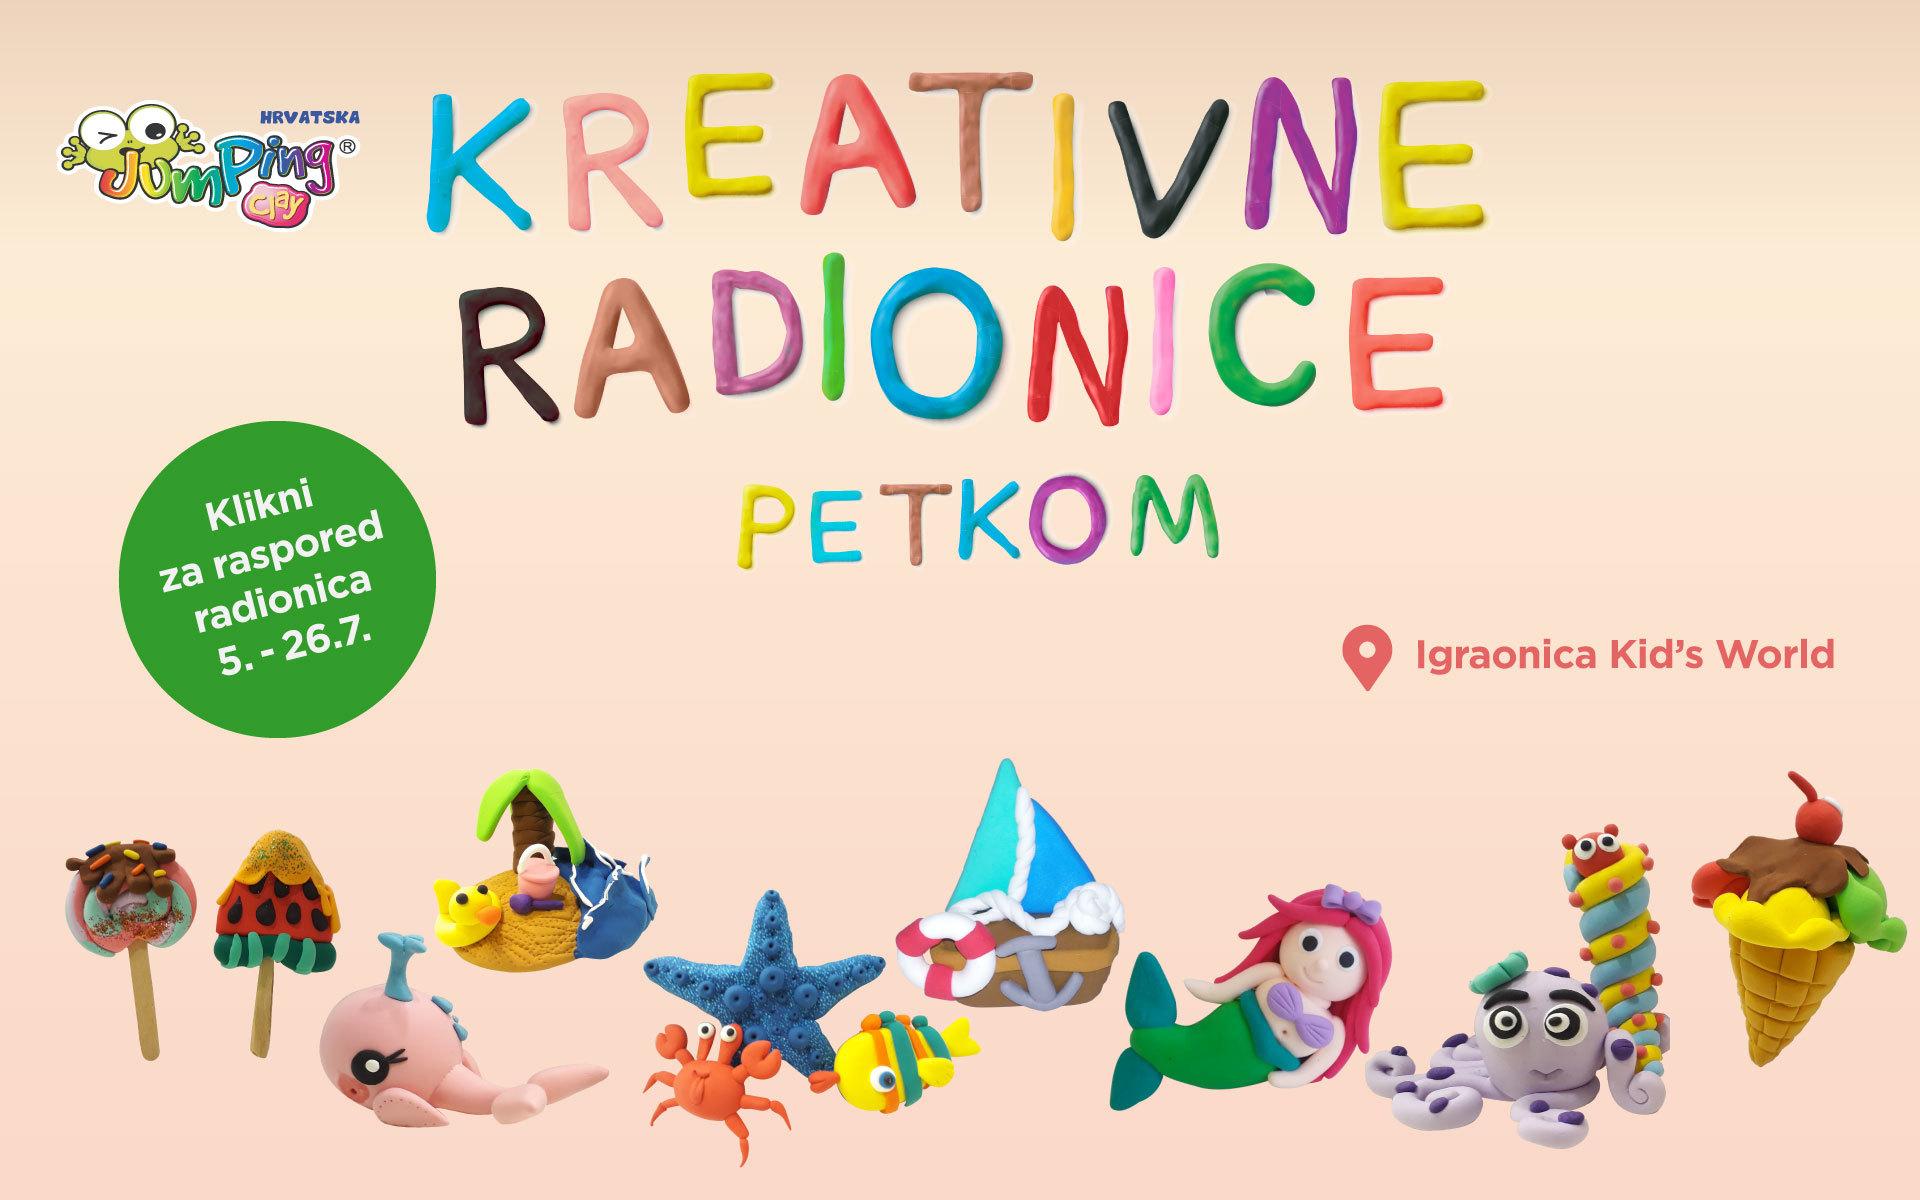 Kreativne radionice u srpnju!